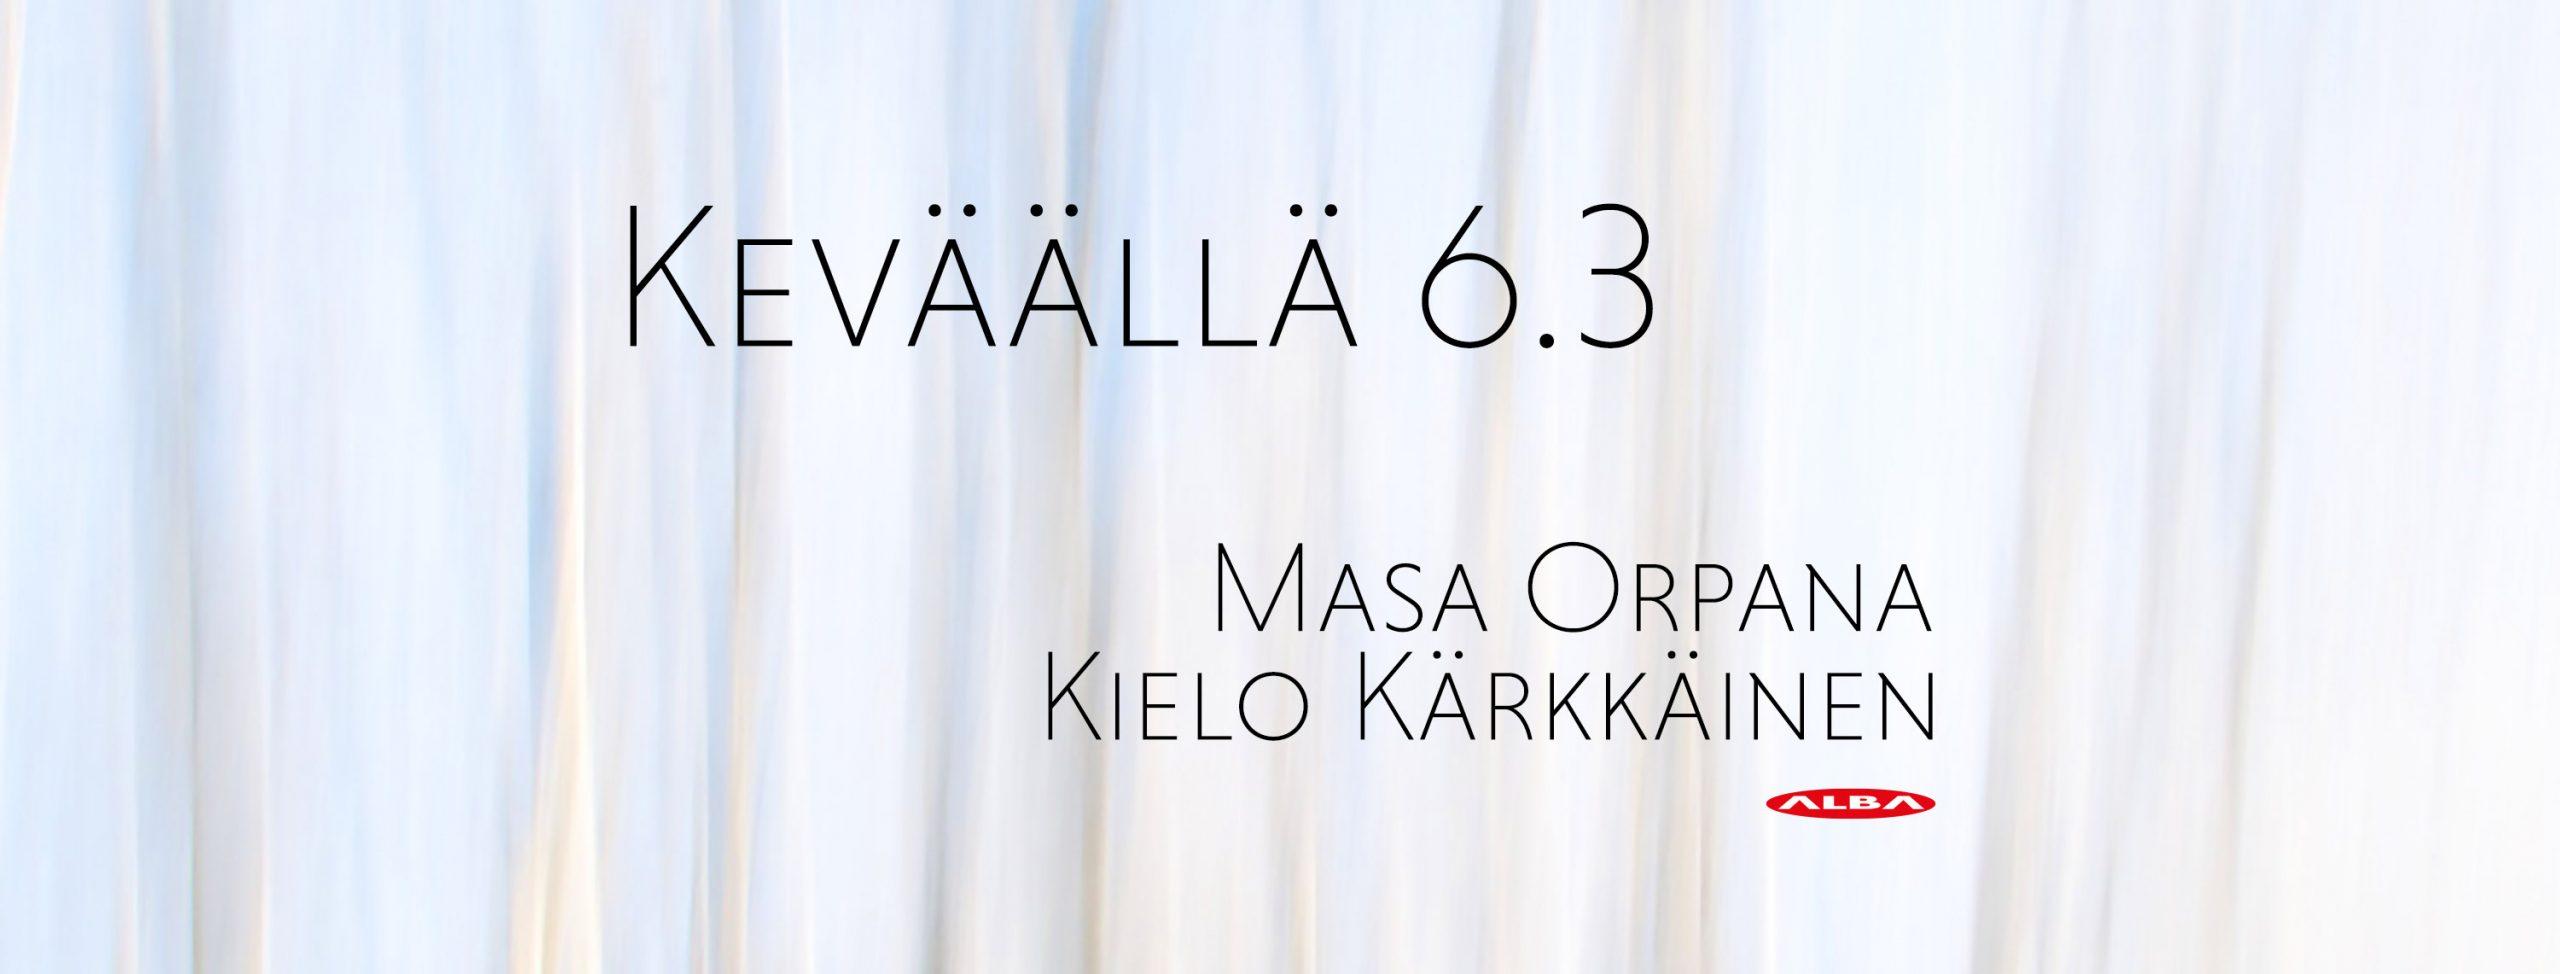 Masa Orpana header